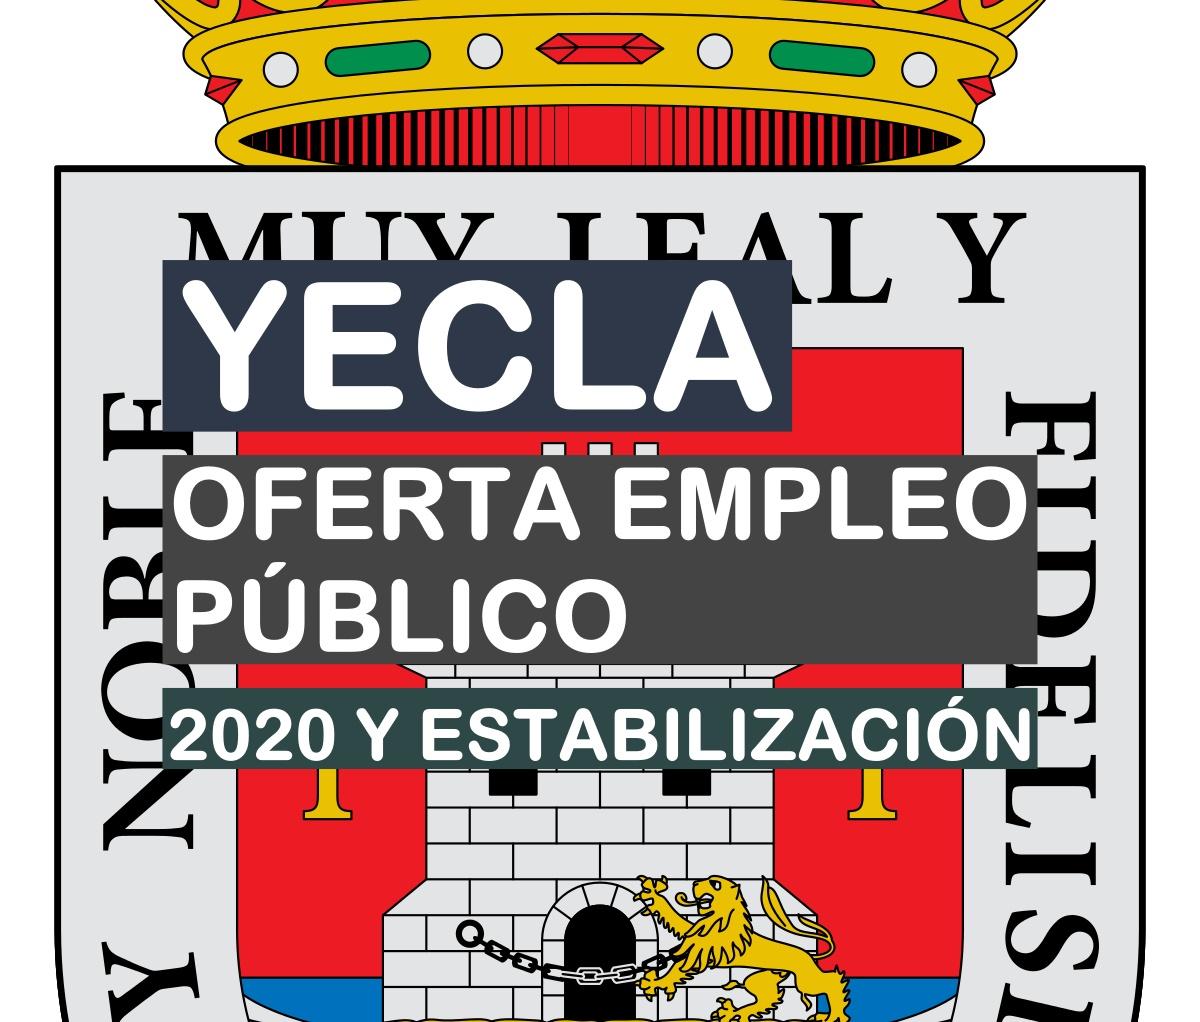 Oferta de empleo público 2020 del Ayuntamiento de Yecla